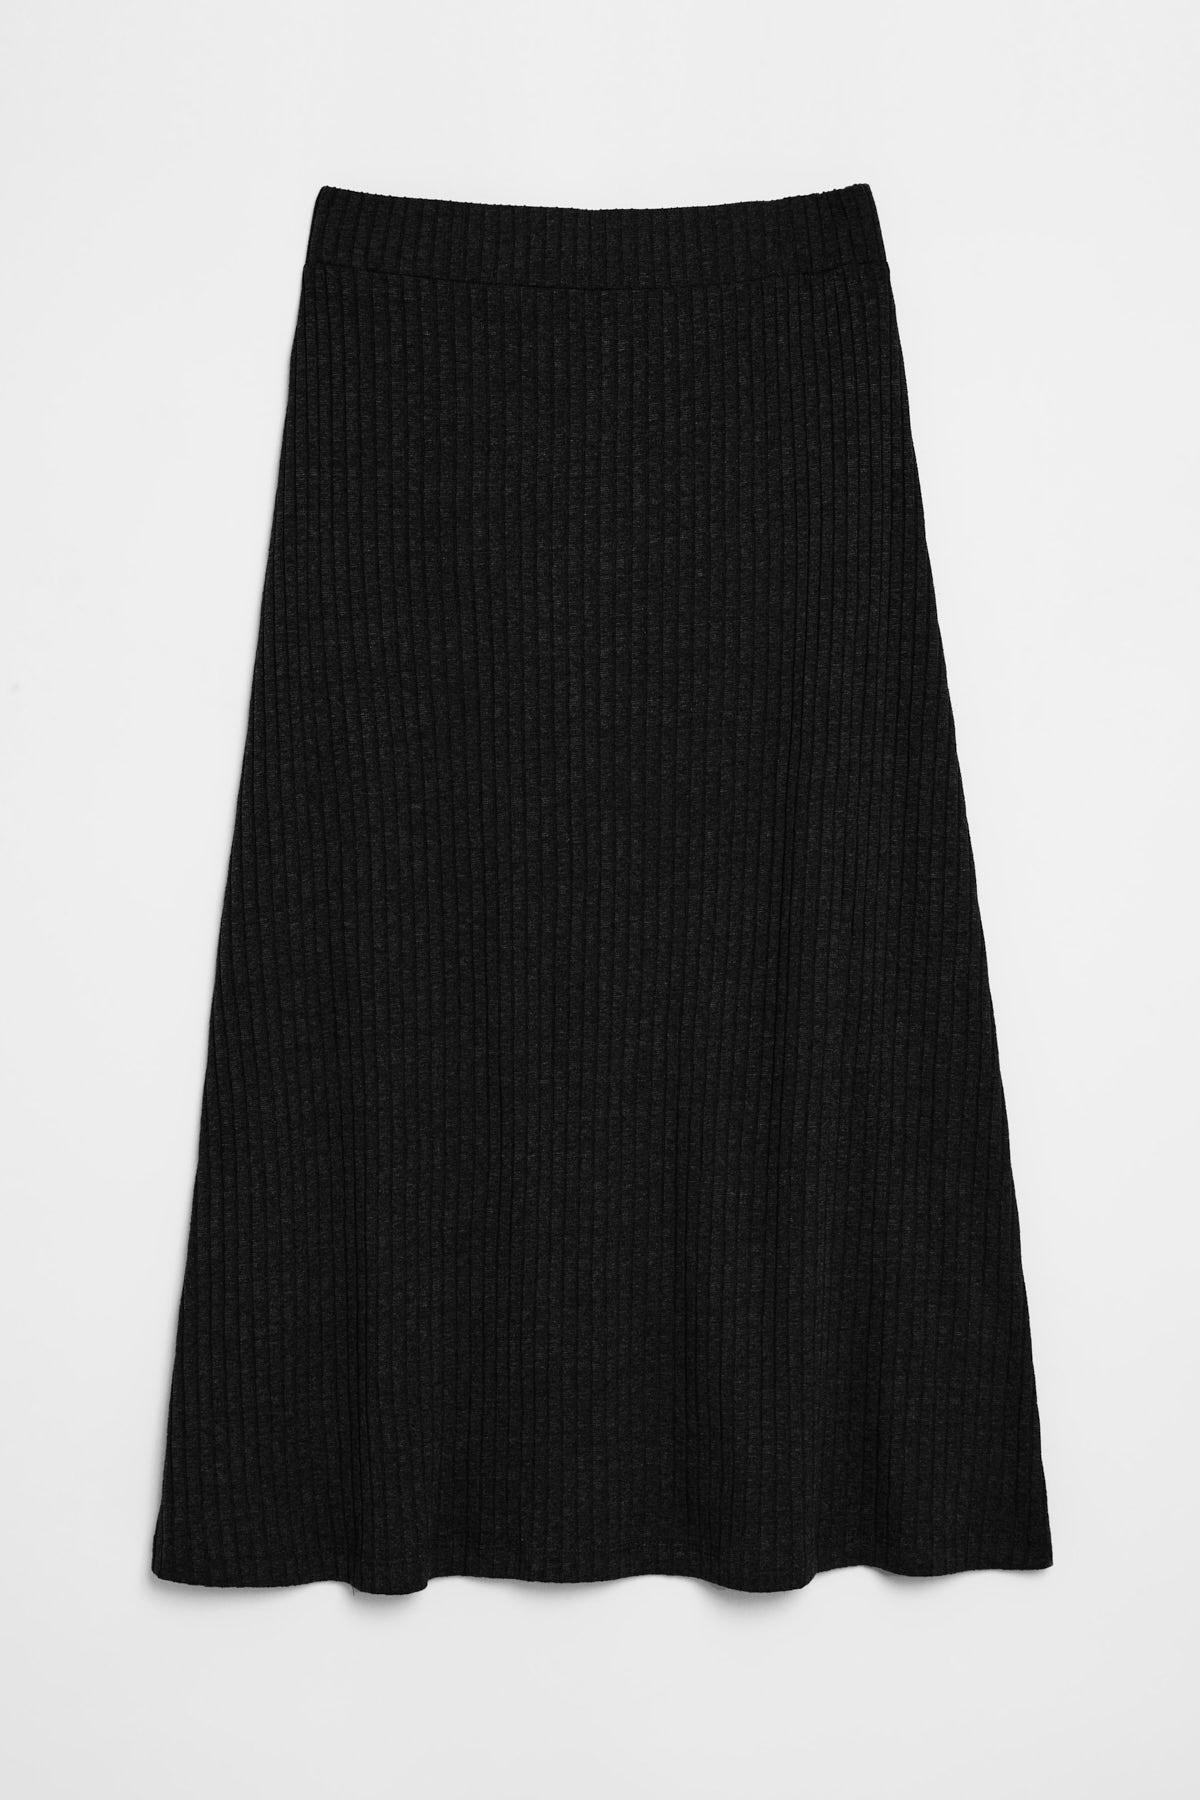 GRIMELANGE OLIVA Kadın Triko Görünümlü Önü  Düğmeli  Siyah Etek 2